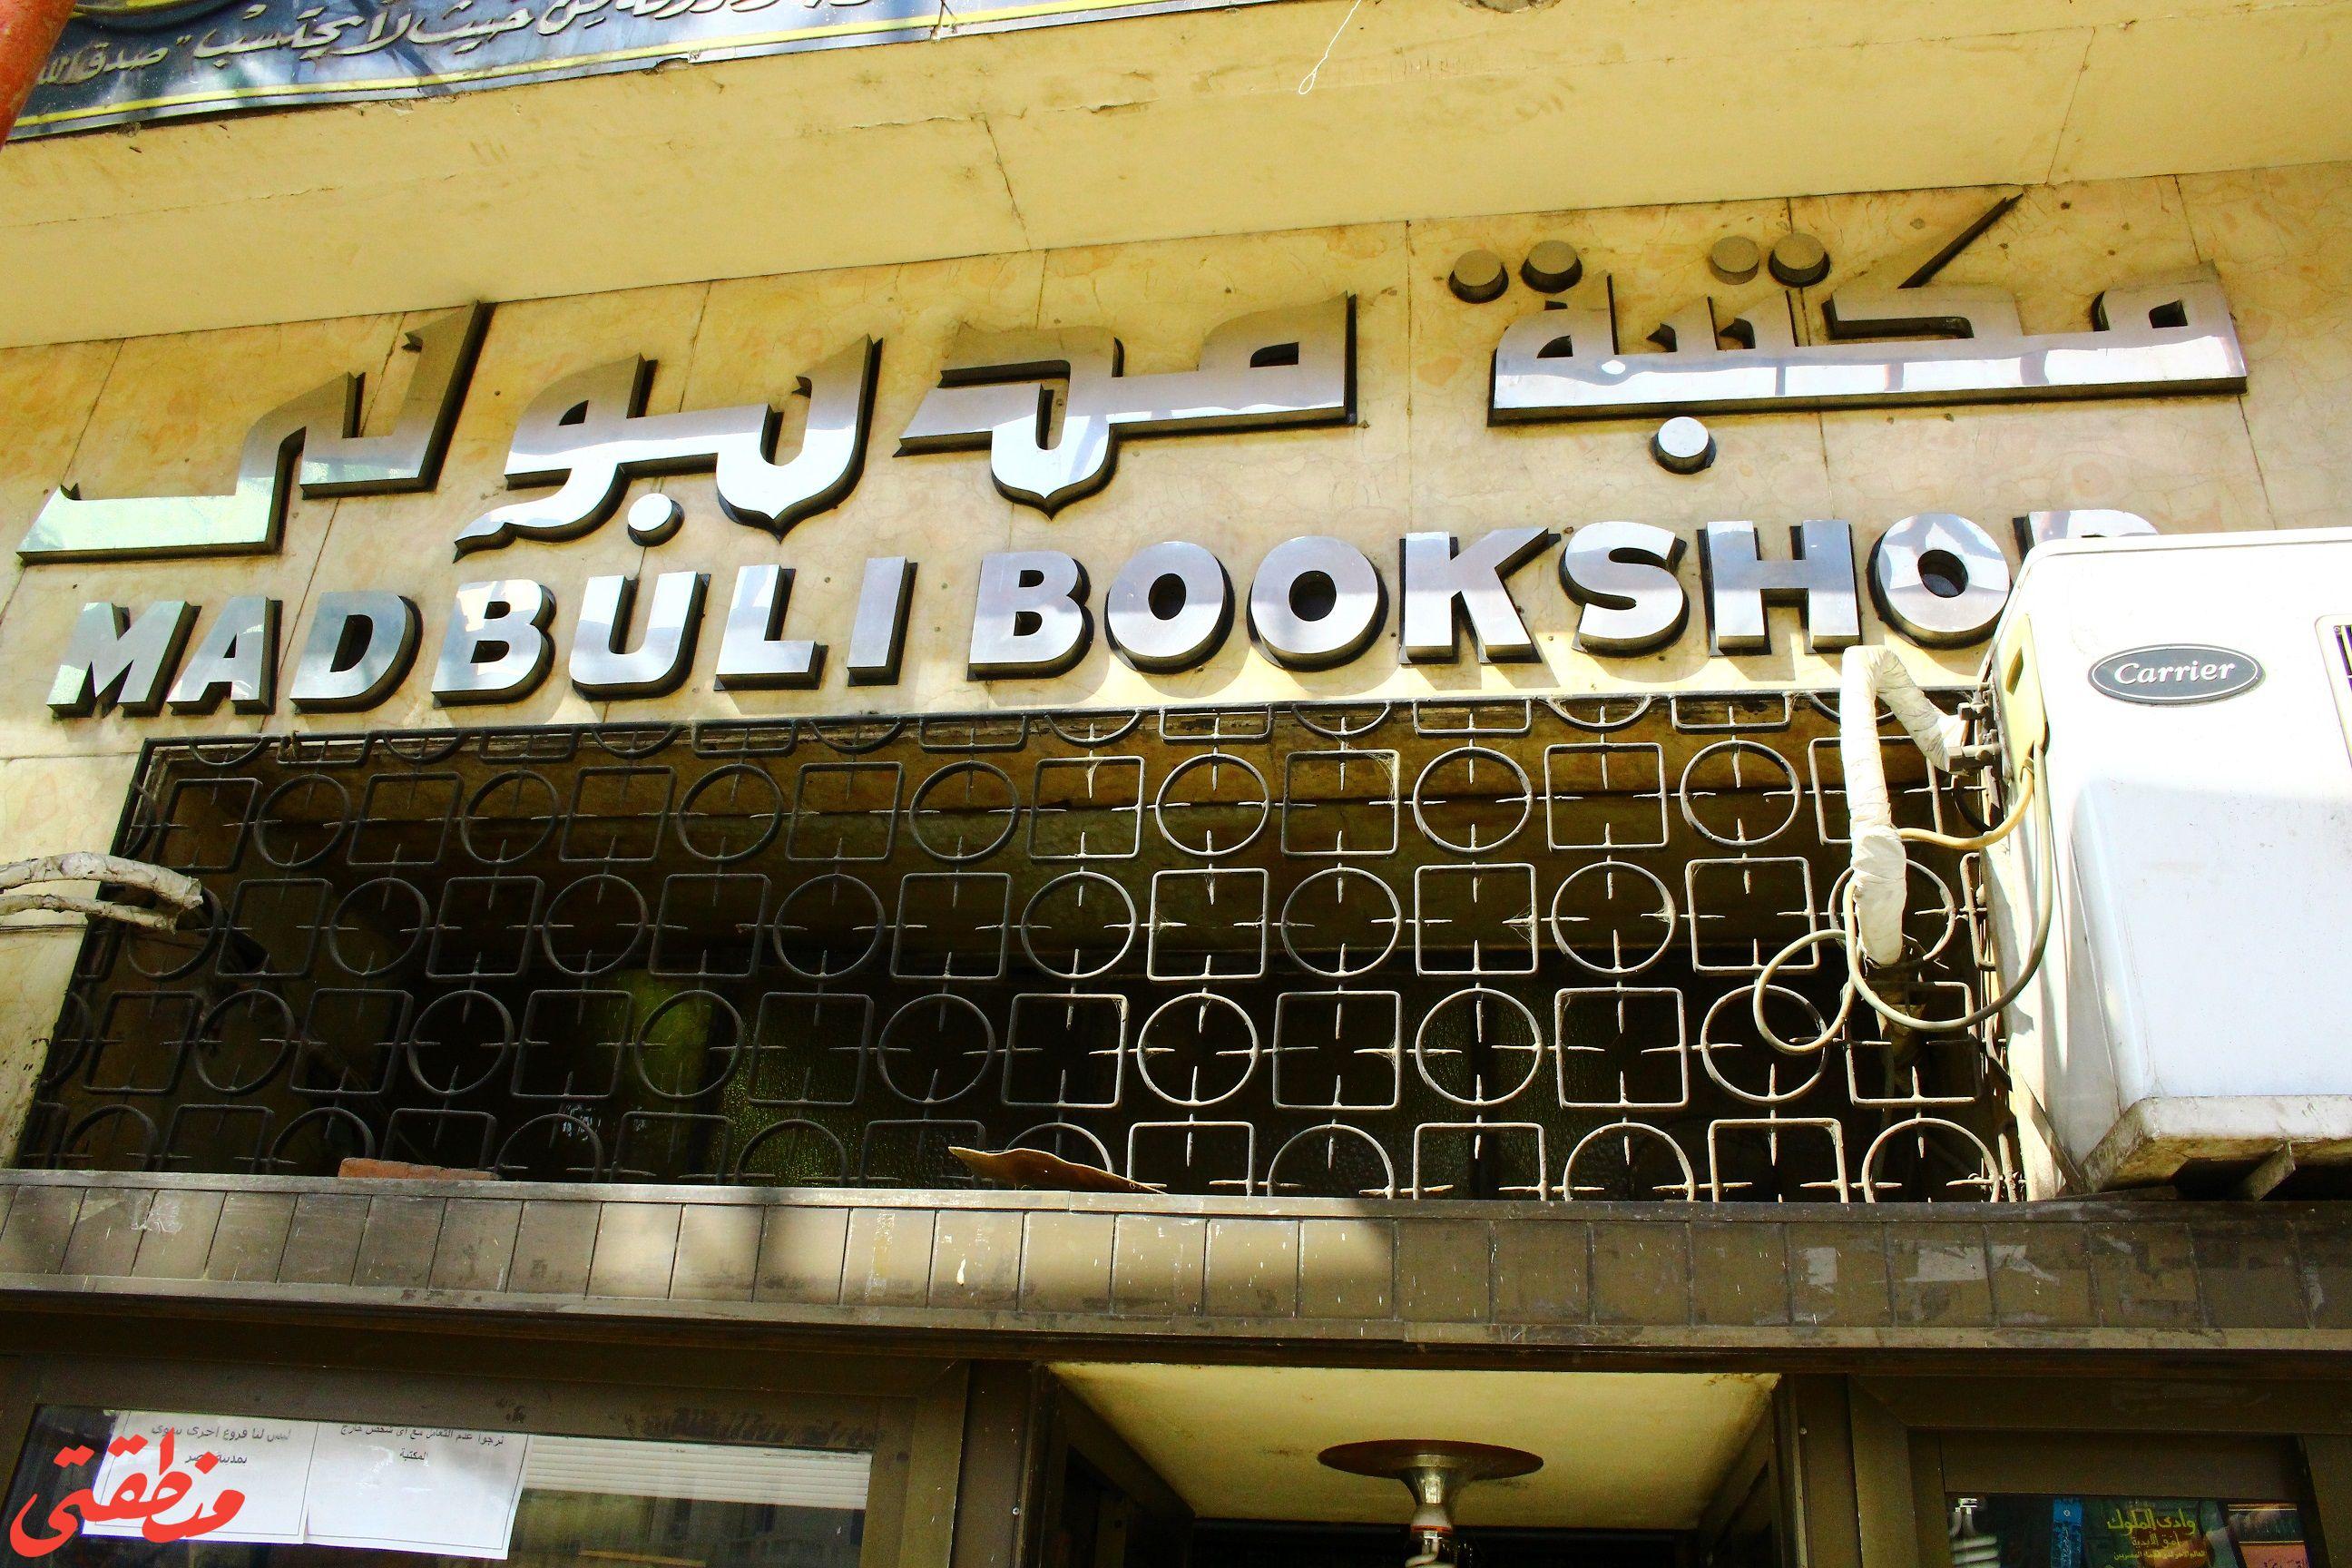 واجهة مكتبة مدبولي بطلعت حرب - تصوير: صديق البخشونجي